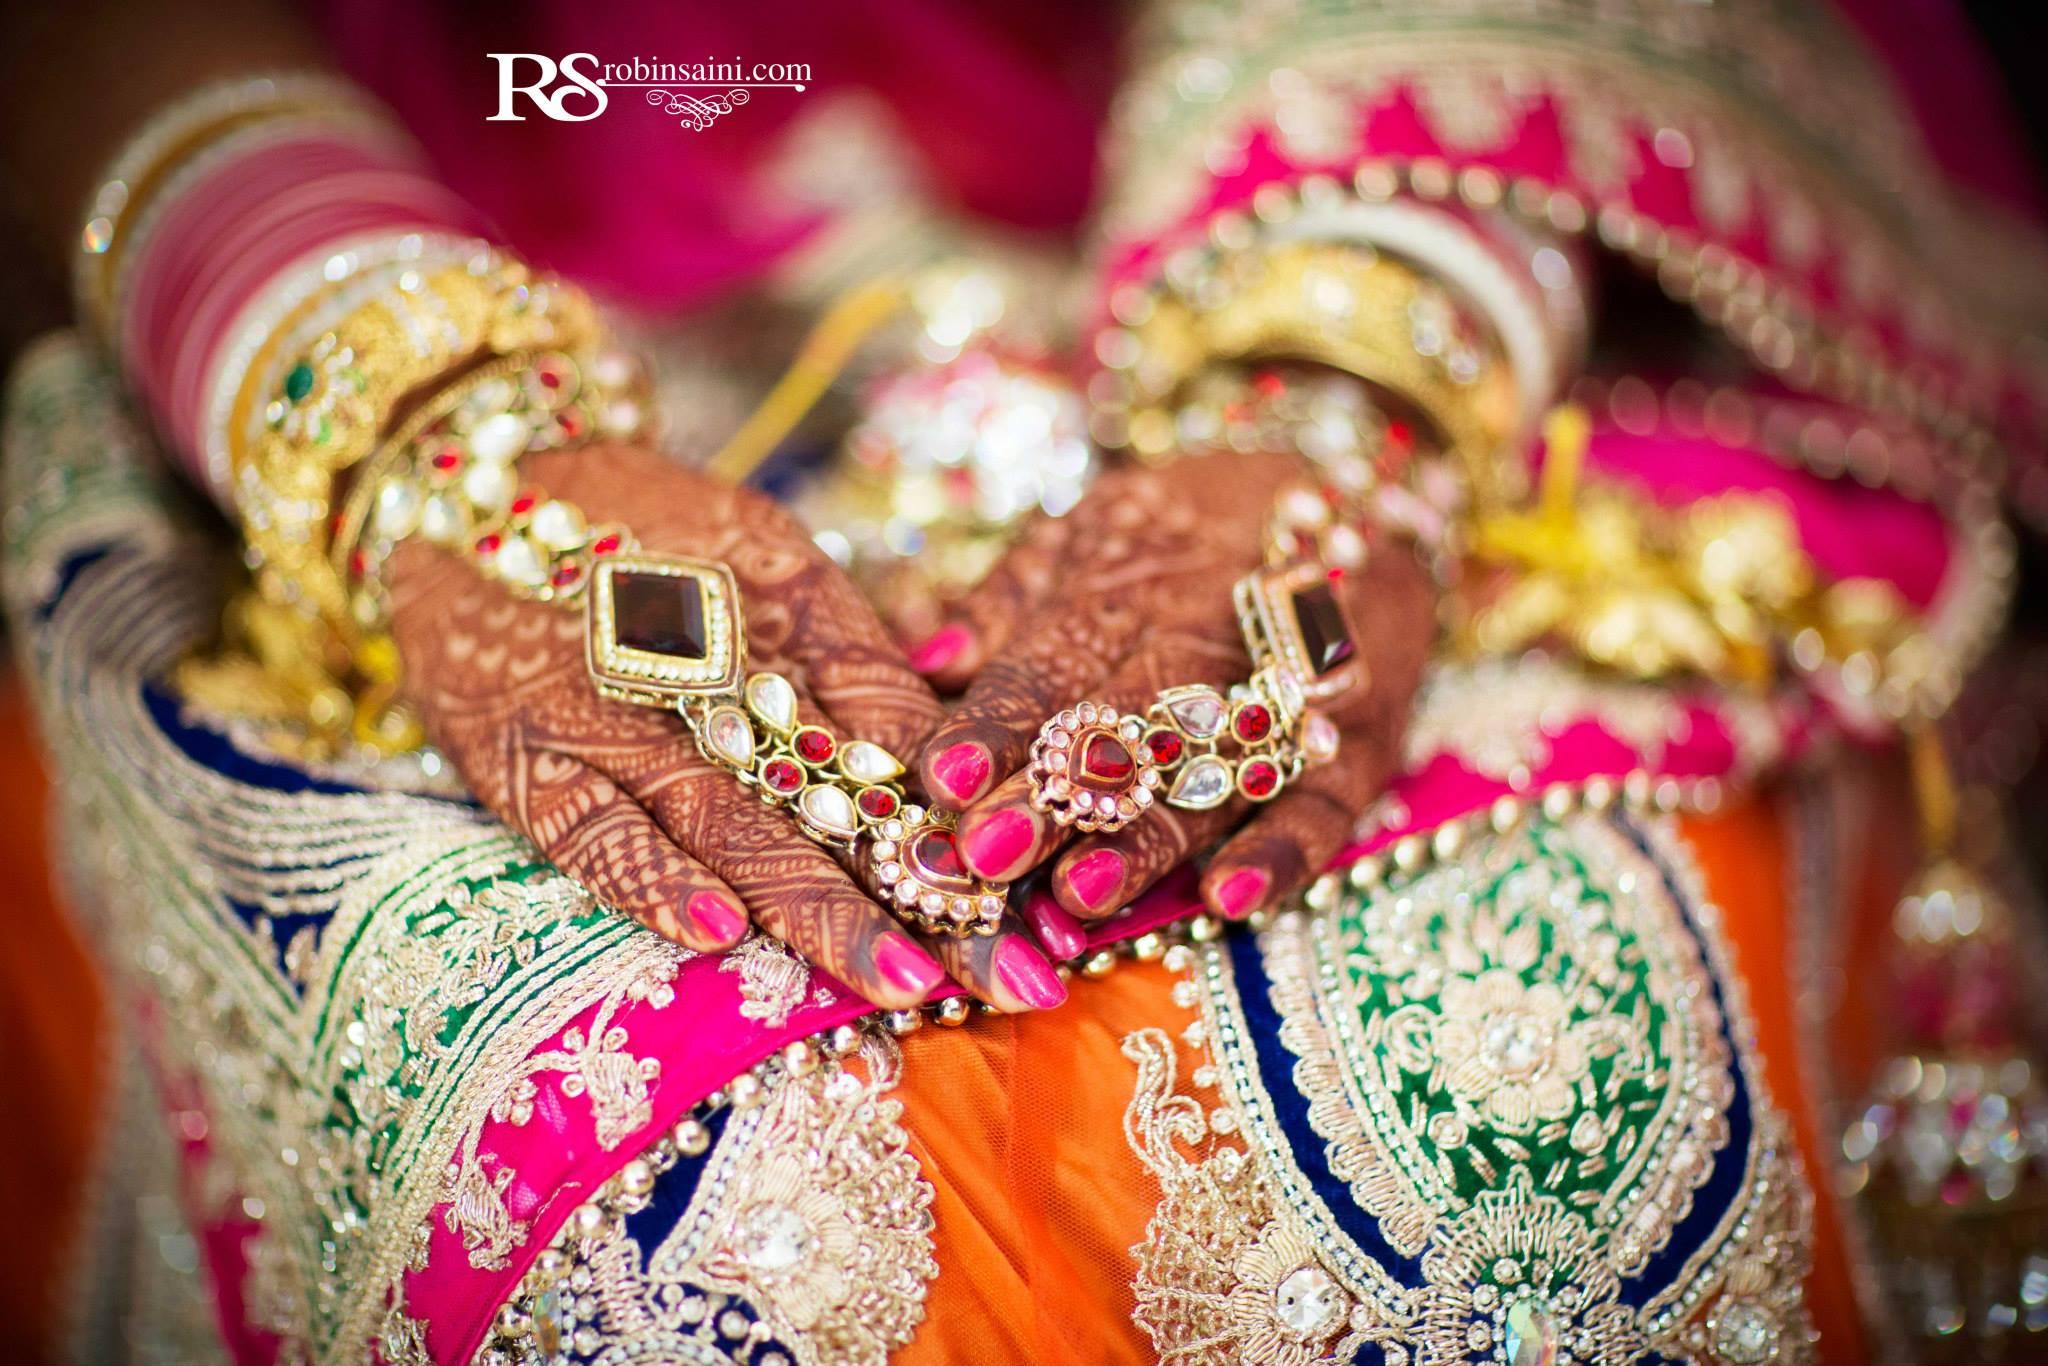 Images Courtesy:  Robin Saini Photography